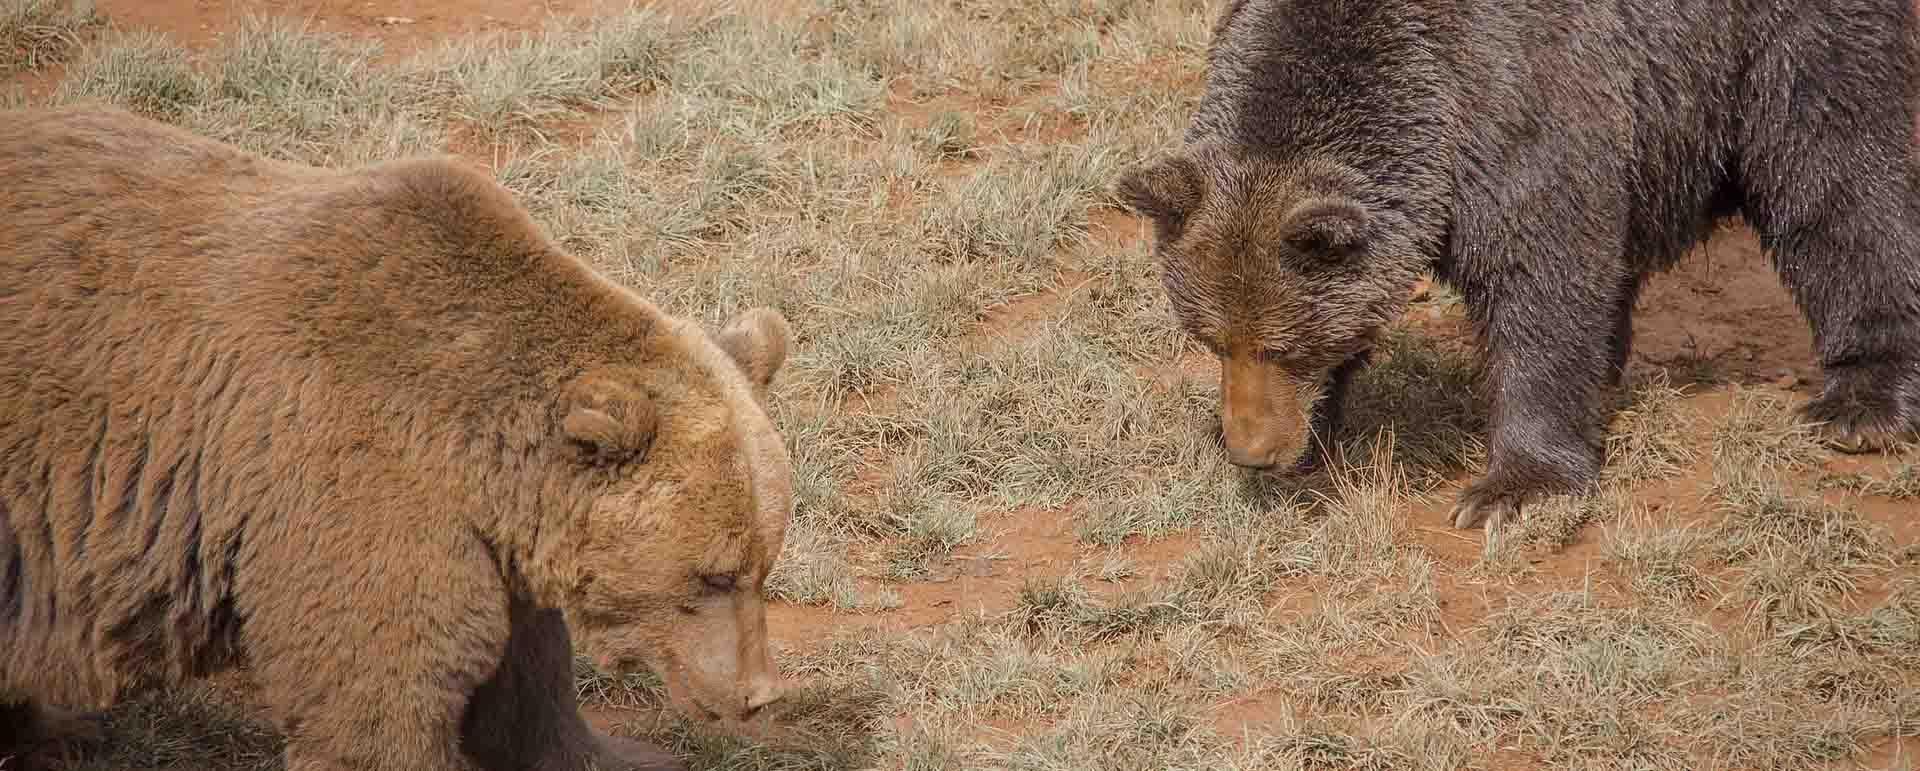 osos cantabria